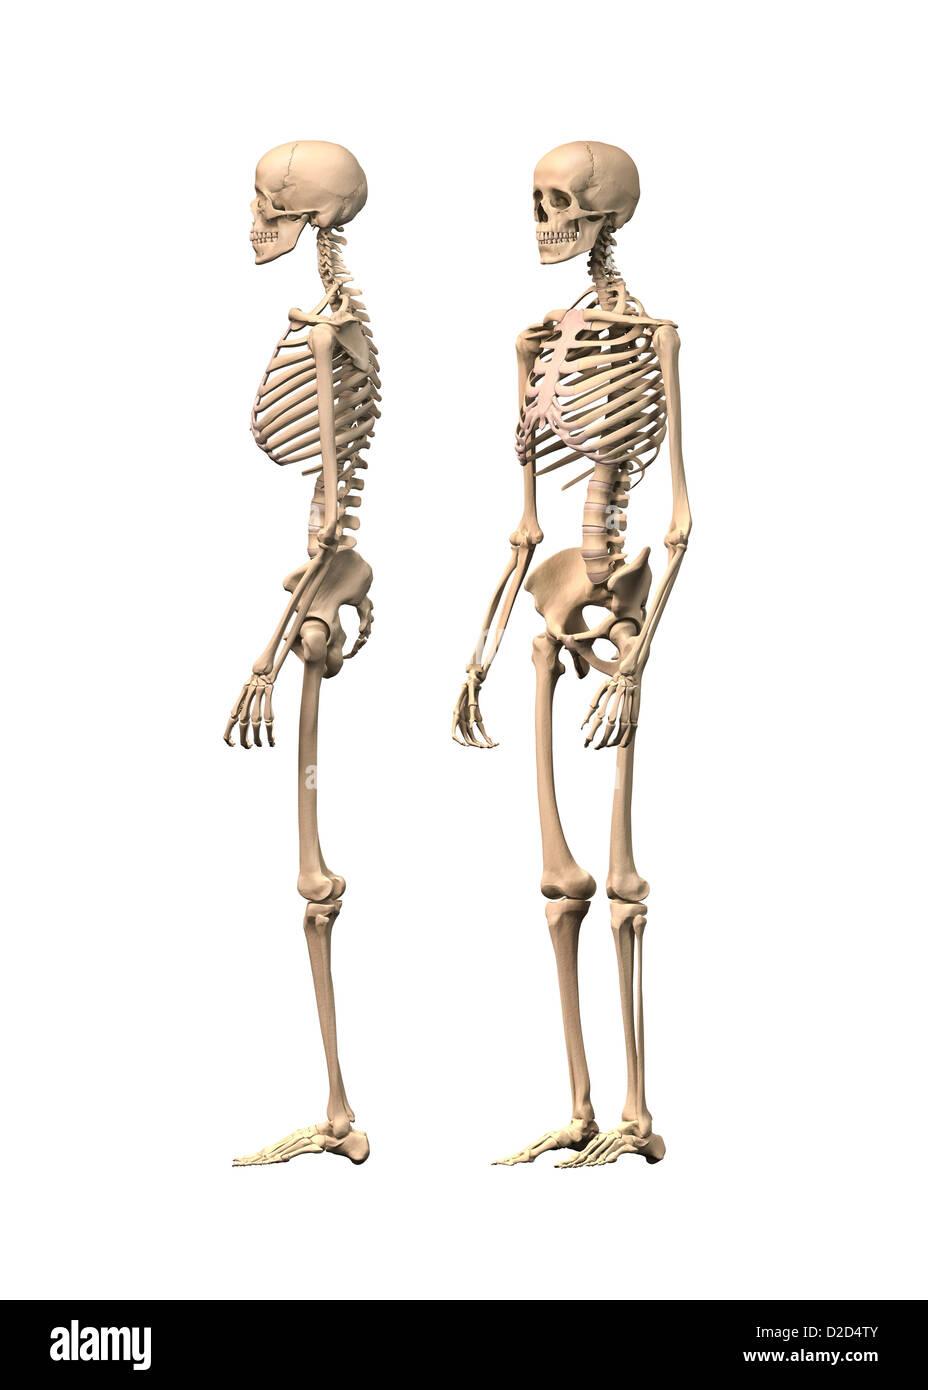 Esqueleto Humano equipo ilustraciones Imagen De Stock